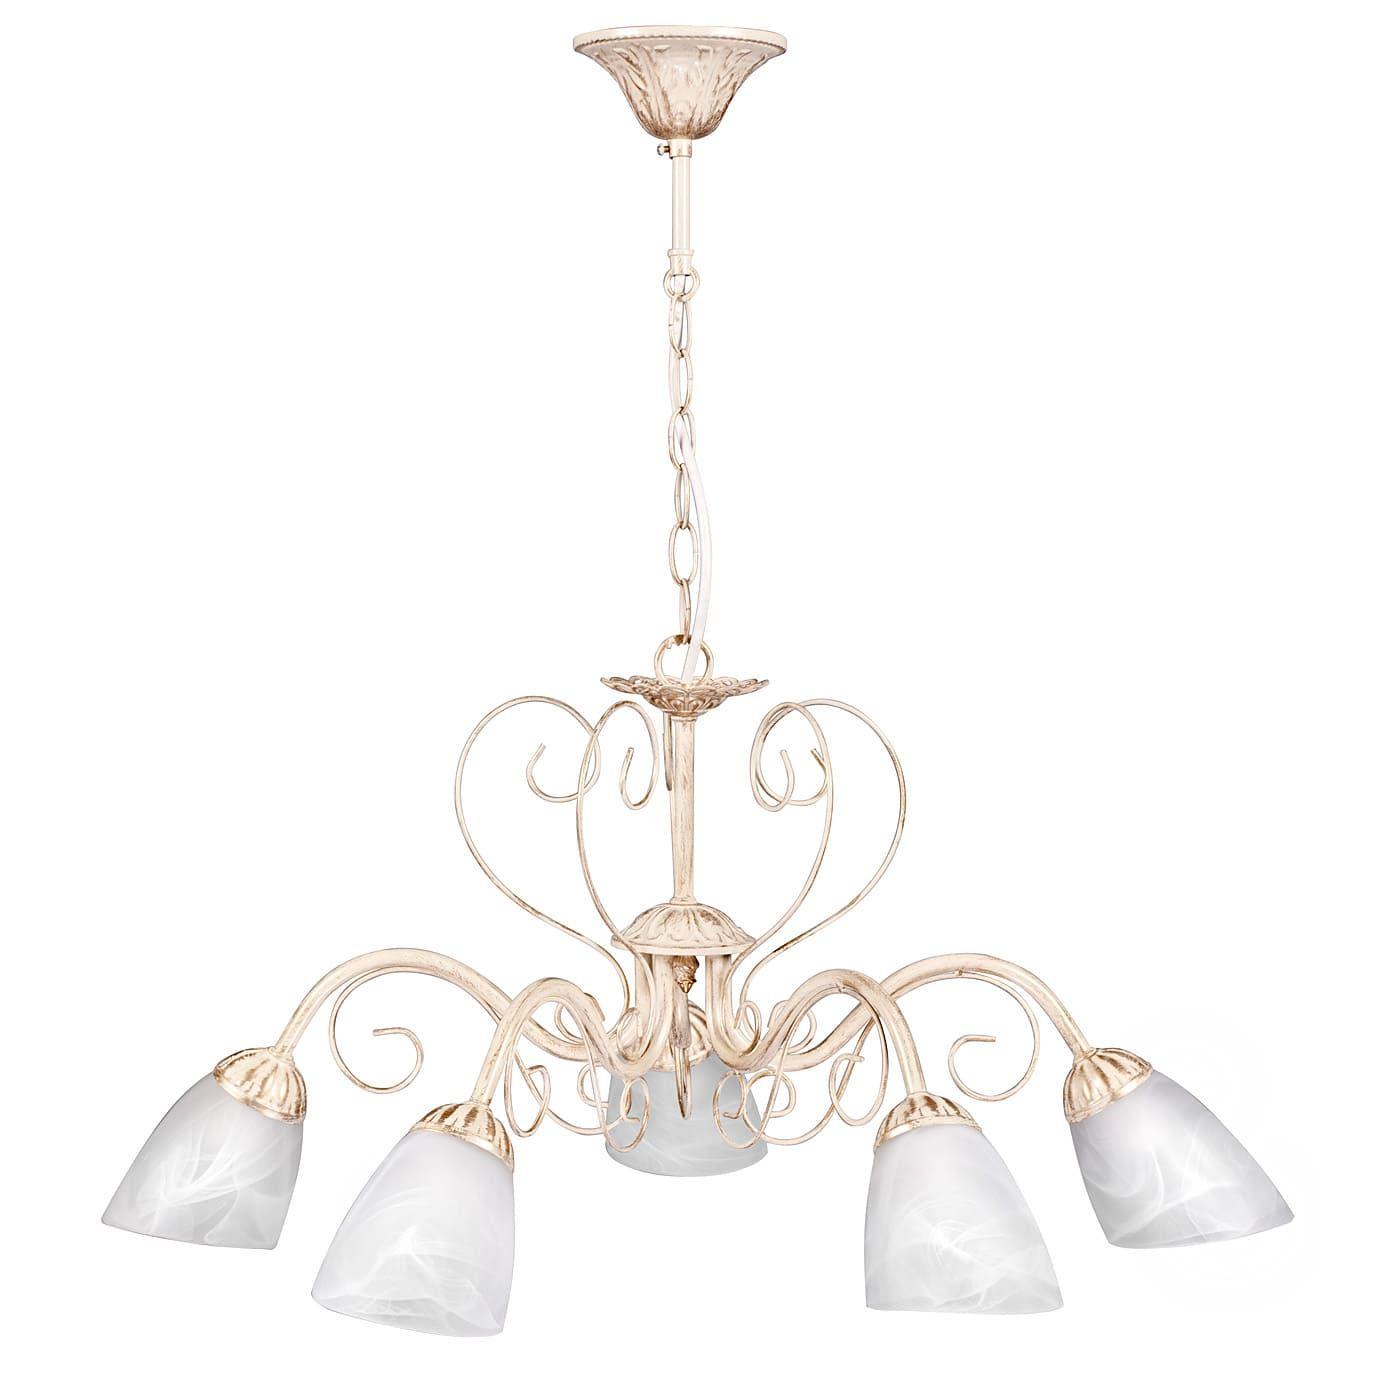 PETRASVET / Suspended chandelier S2202-5, 5xE14 max. 60W